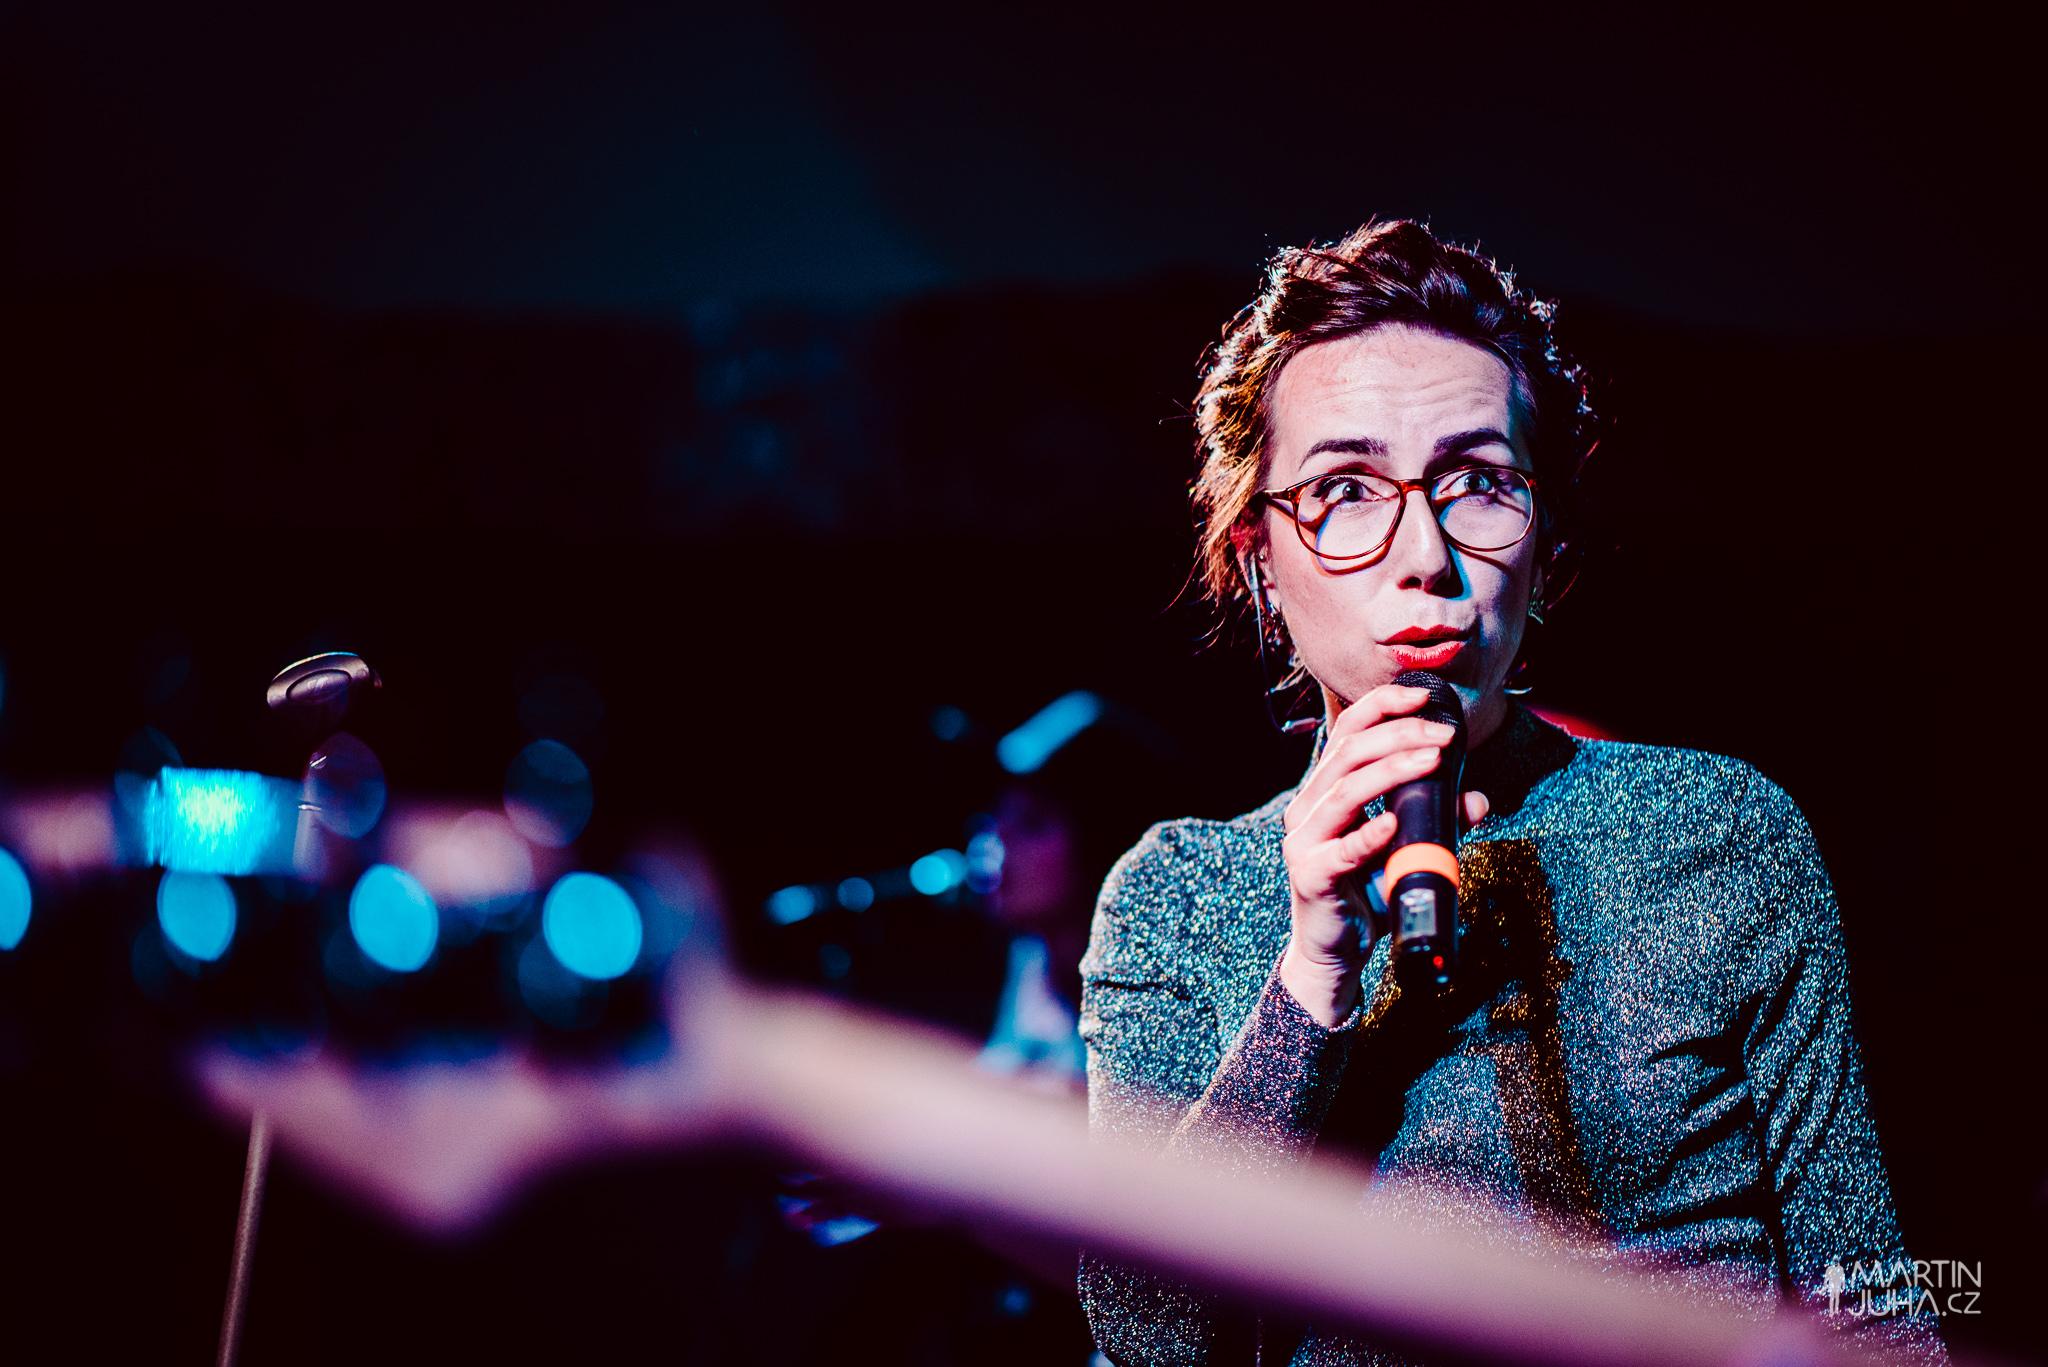 Úspěšná jazzová zpěvačka a absolventka ZČU Mirka Novak vystoupí v Domě hudby před kolegyní Audrey Martells